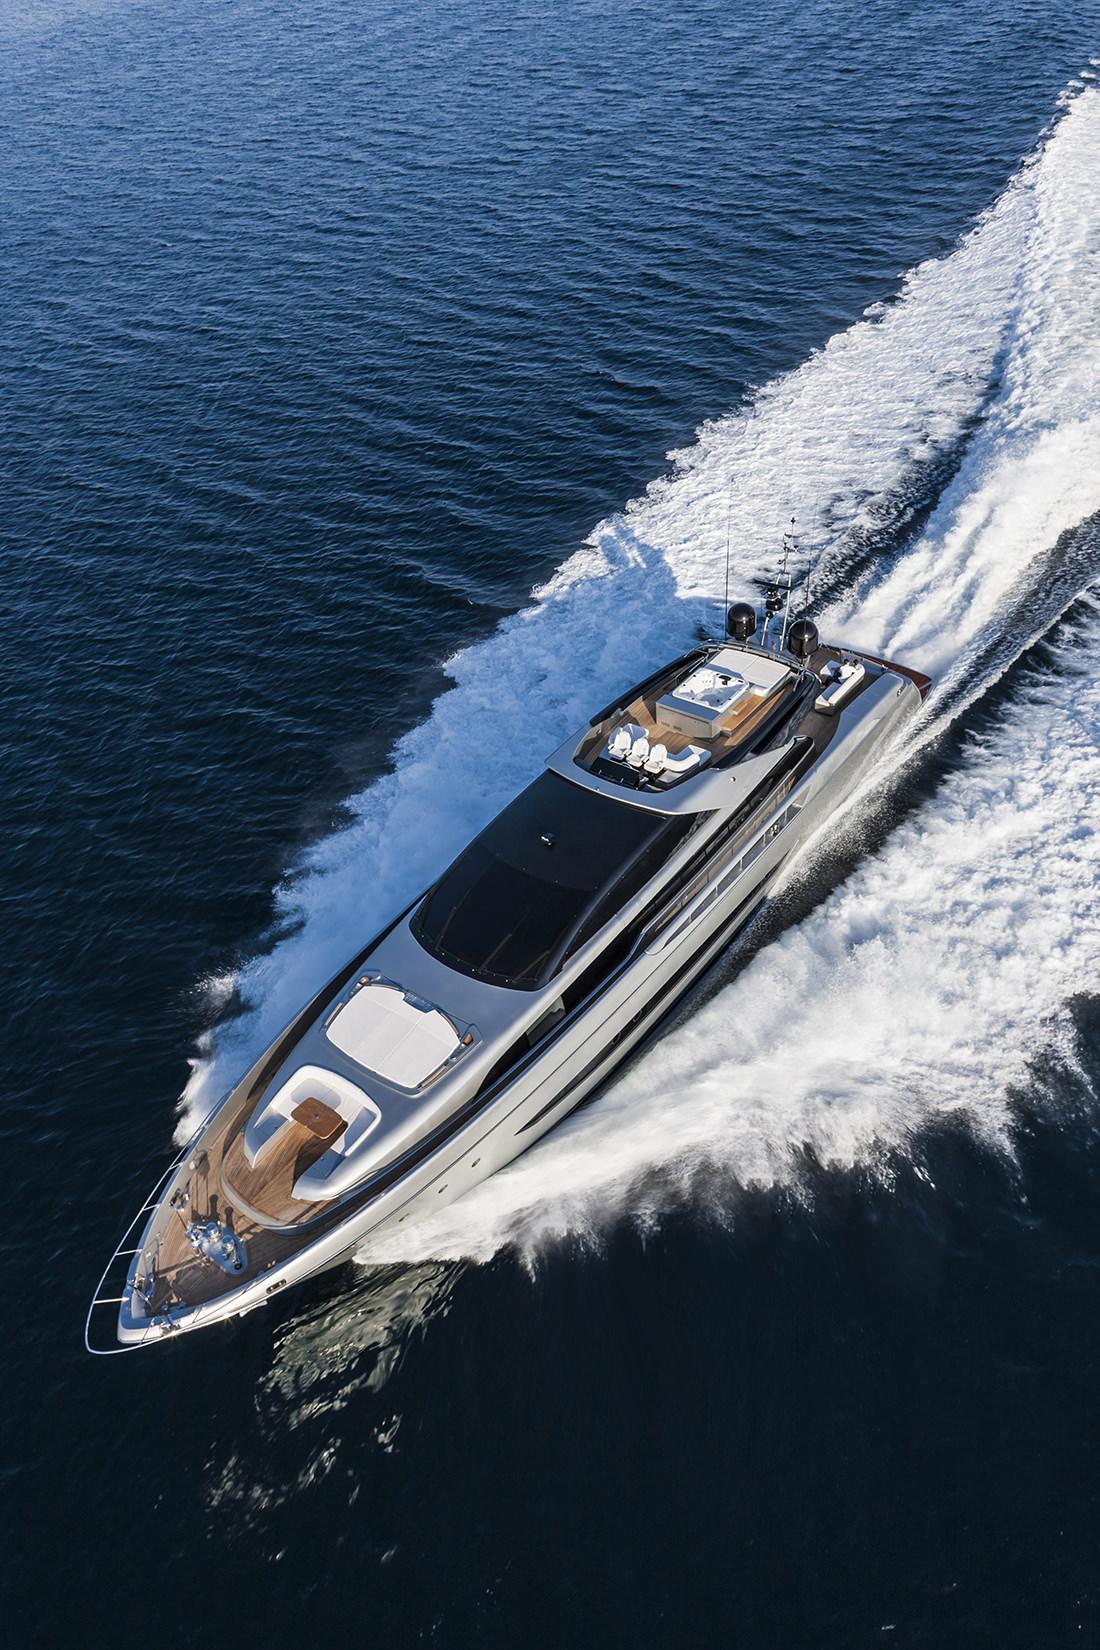 riva-yacht-mythos-2